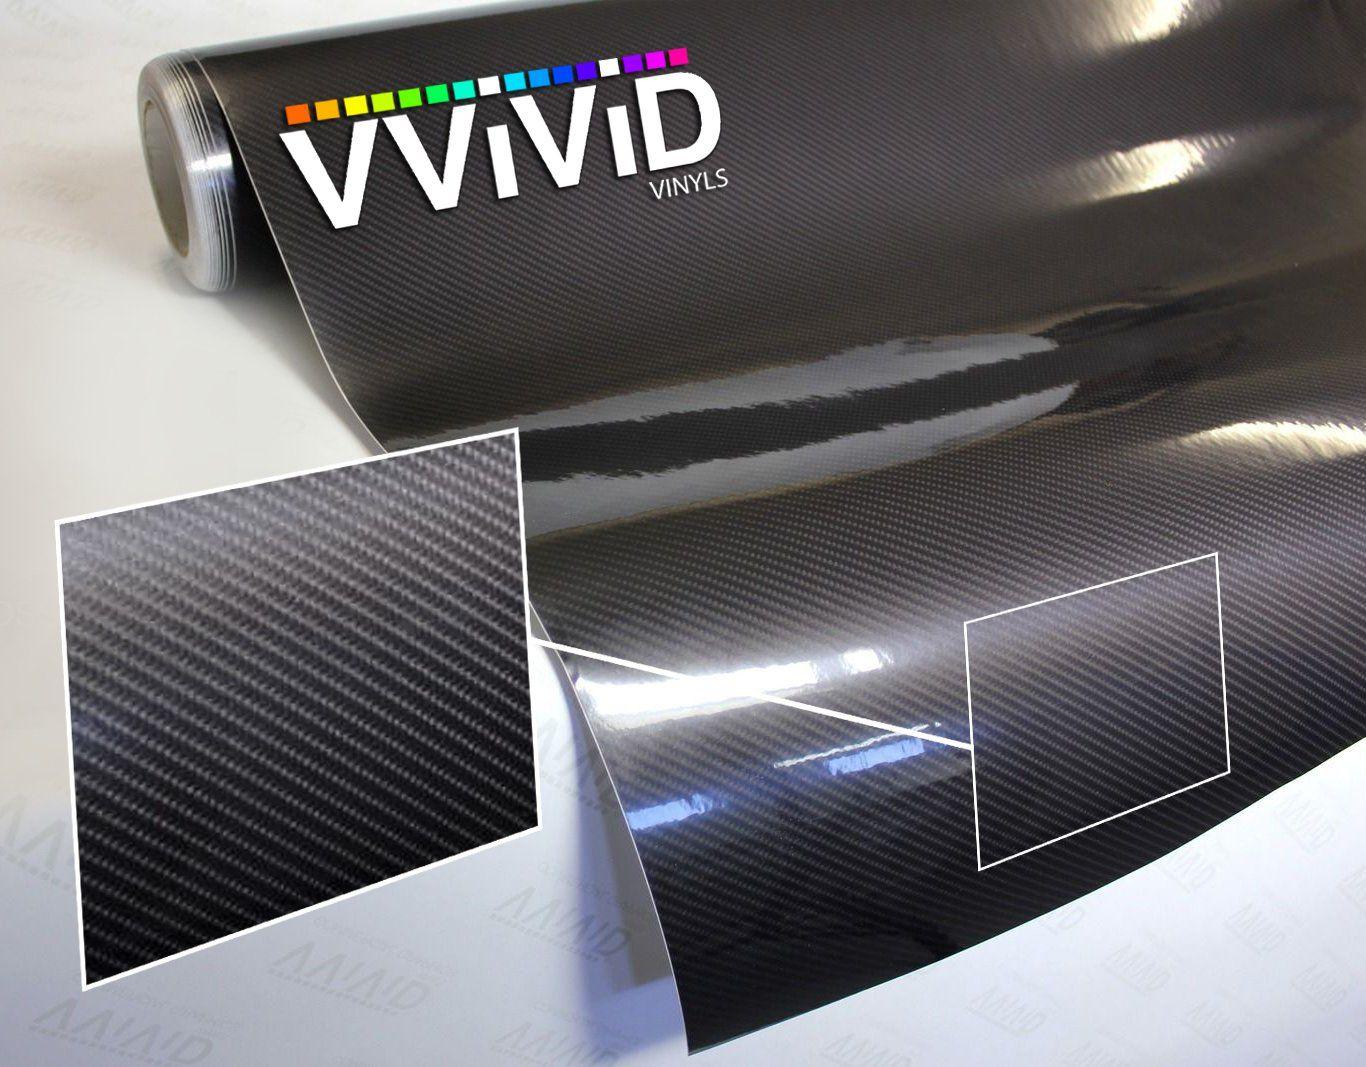 Vvivid High Gloss Black Carbon Fiber Tech Art 3 Layer 3d Realistic True Carbon Fiber Look Cast Vinyl Wrap 5ft X 5f In 2020 Vinyl Wrap Carbon Fiber Vinyl Carbon Fiber